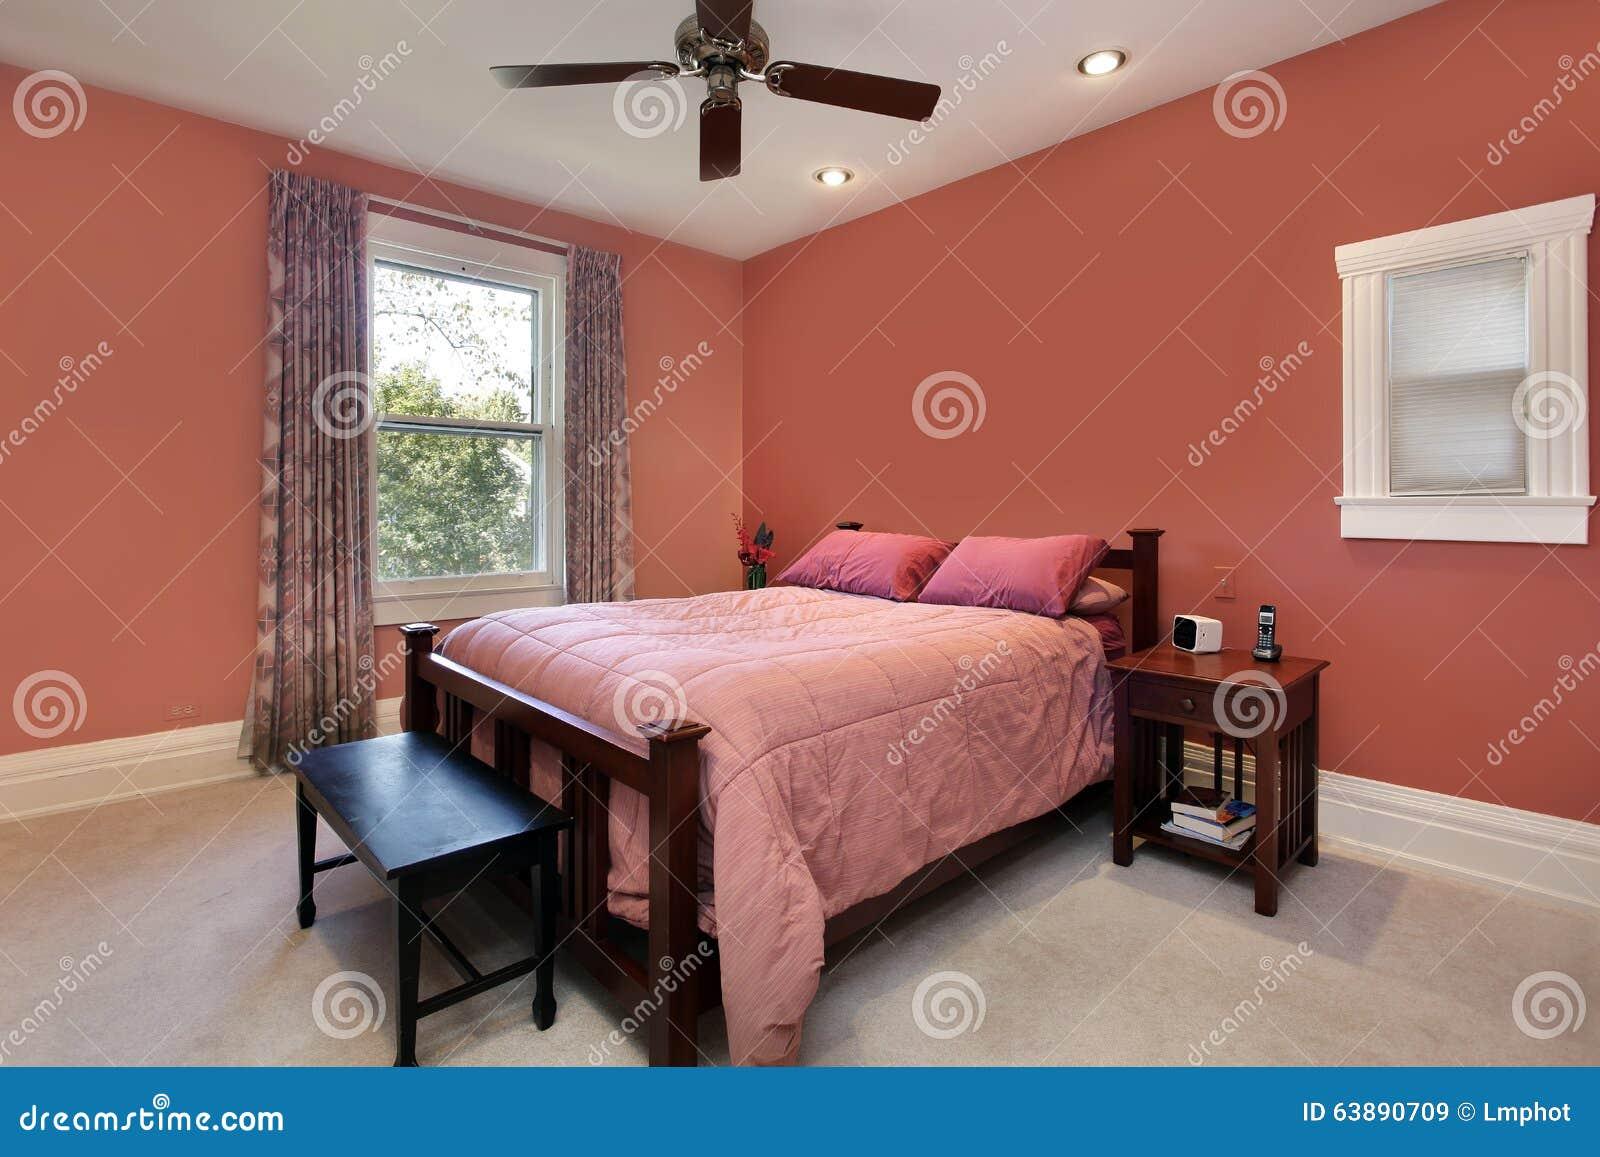 Gekleurde slaapkamer royalty vrije stock afbeeldingen   afbeelding ...